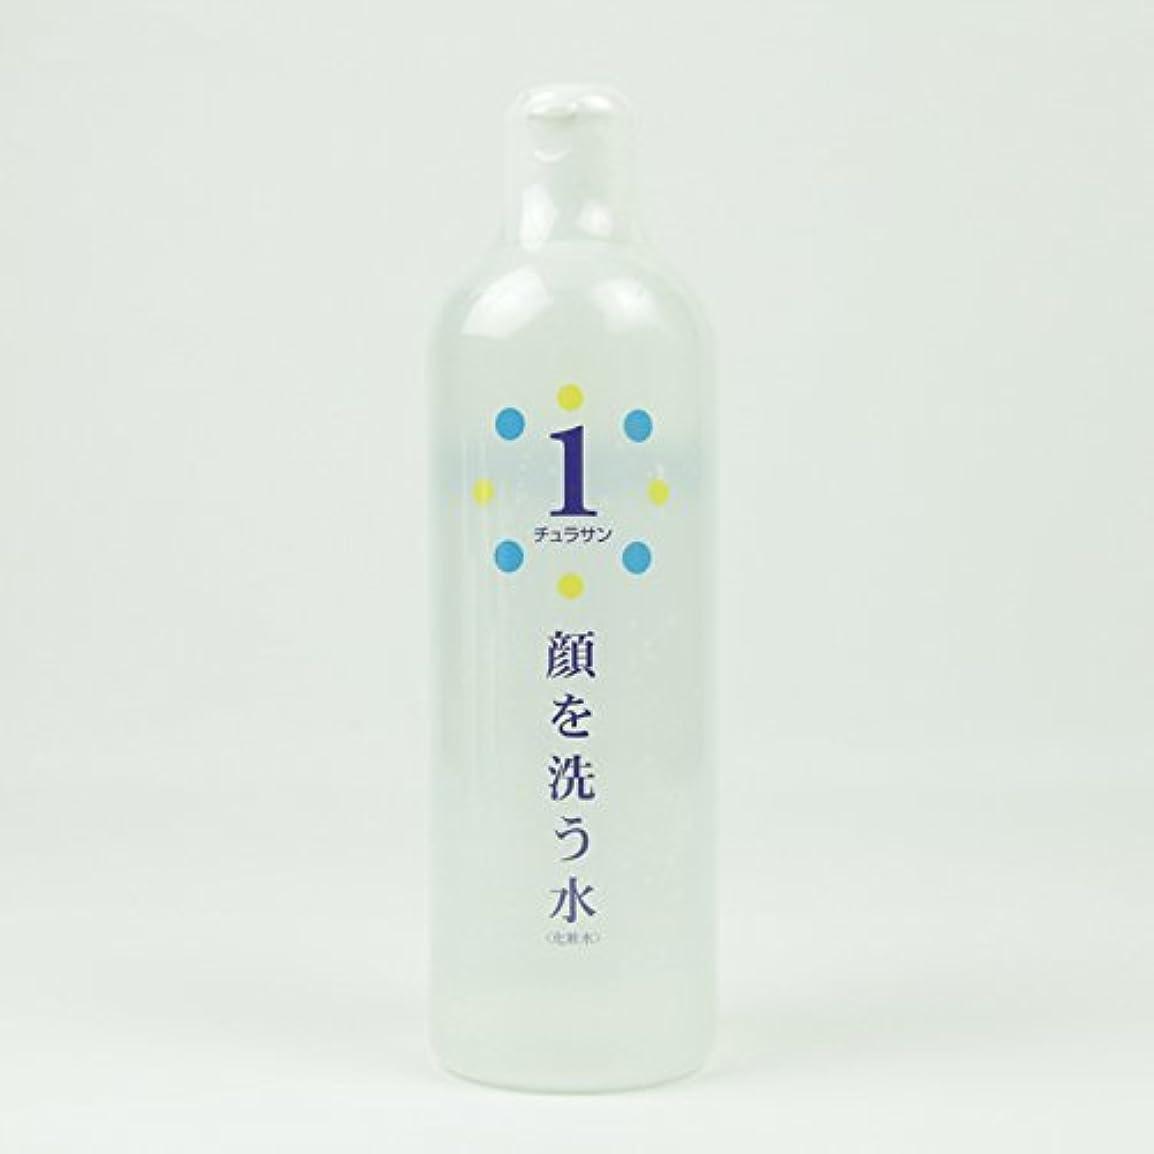 エステート感じ修道院チュラサン1 【顔を洗う水】 500ml